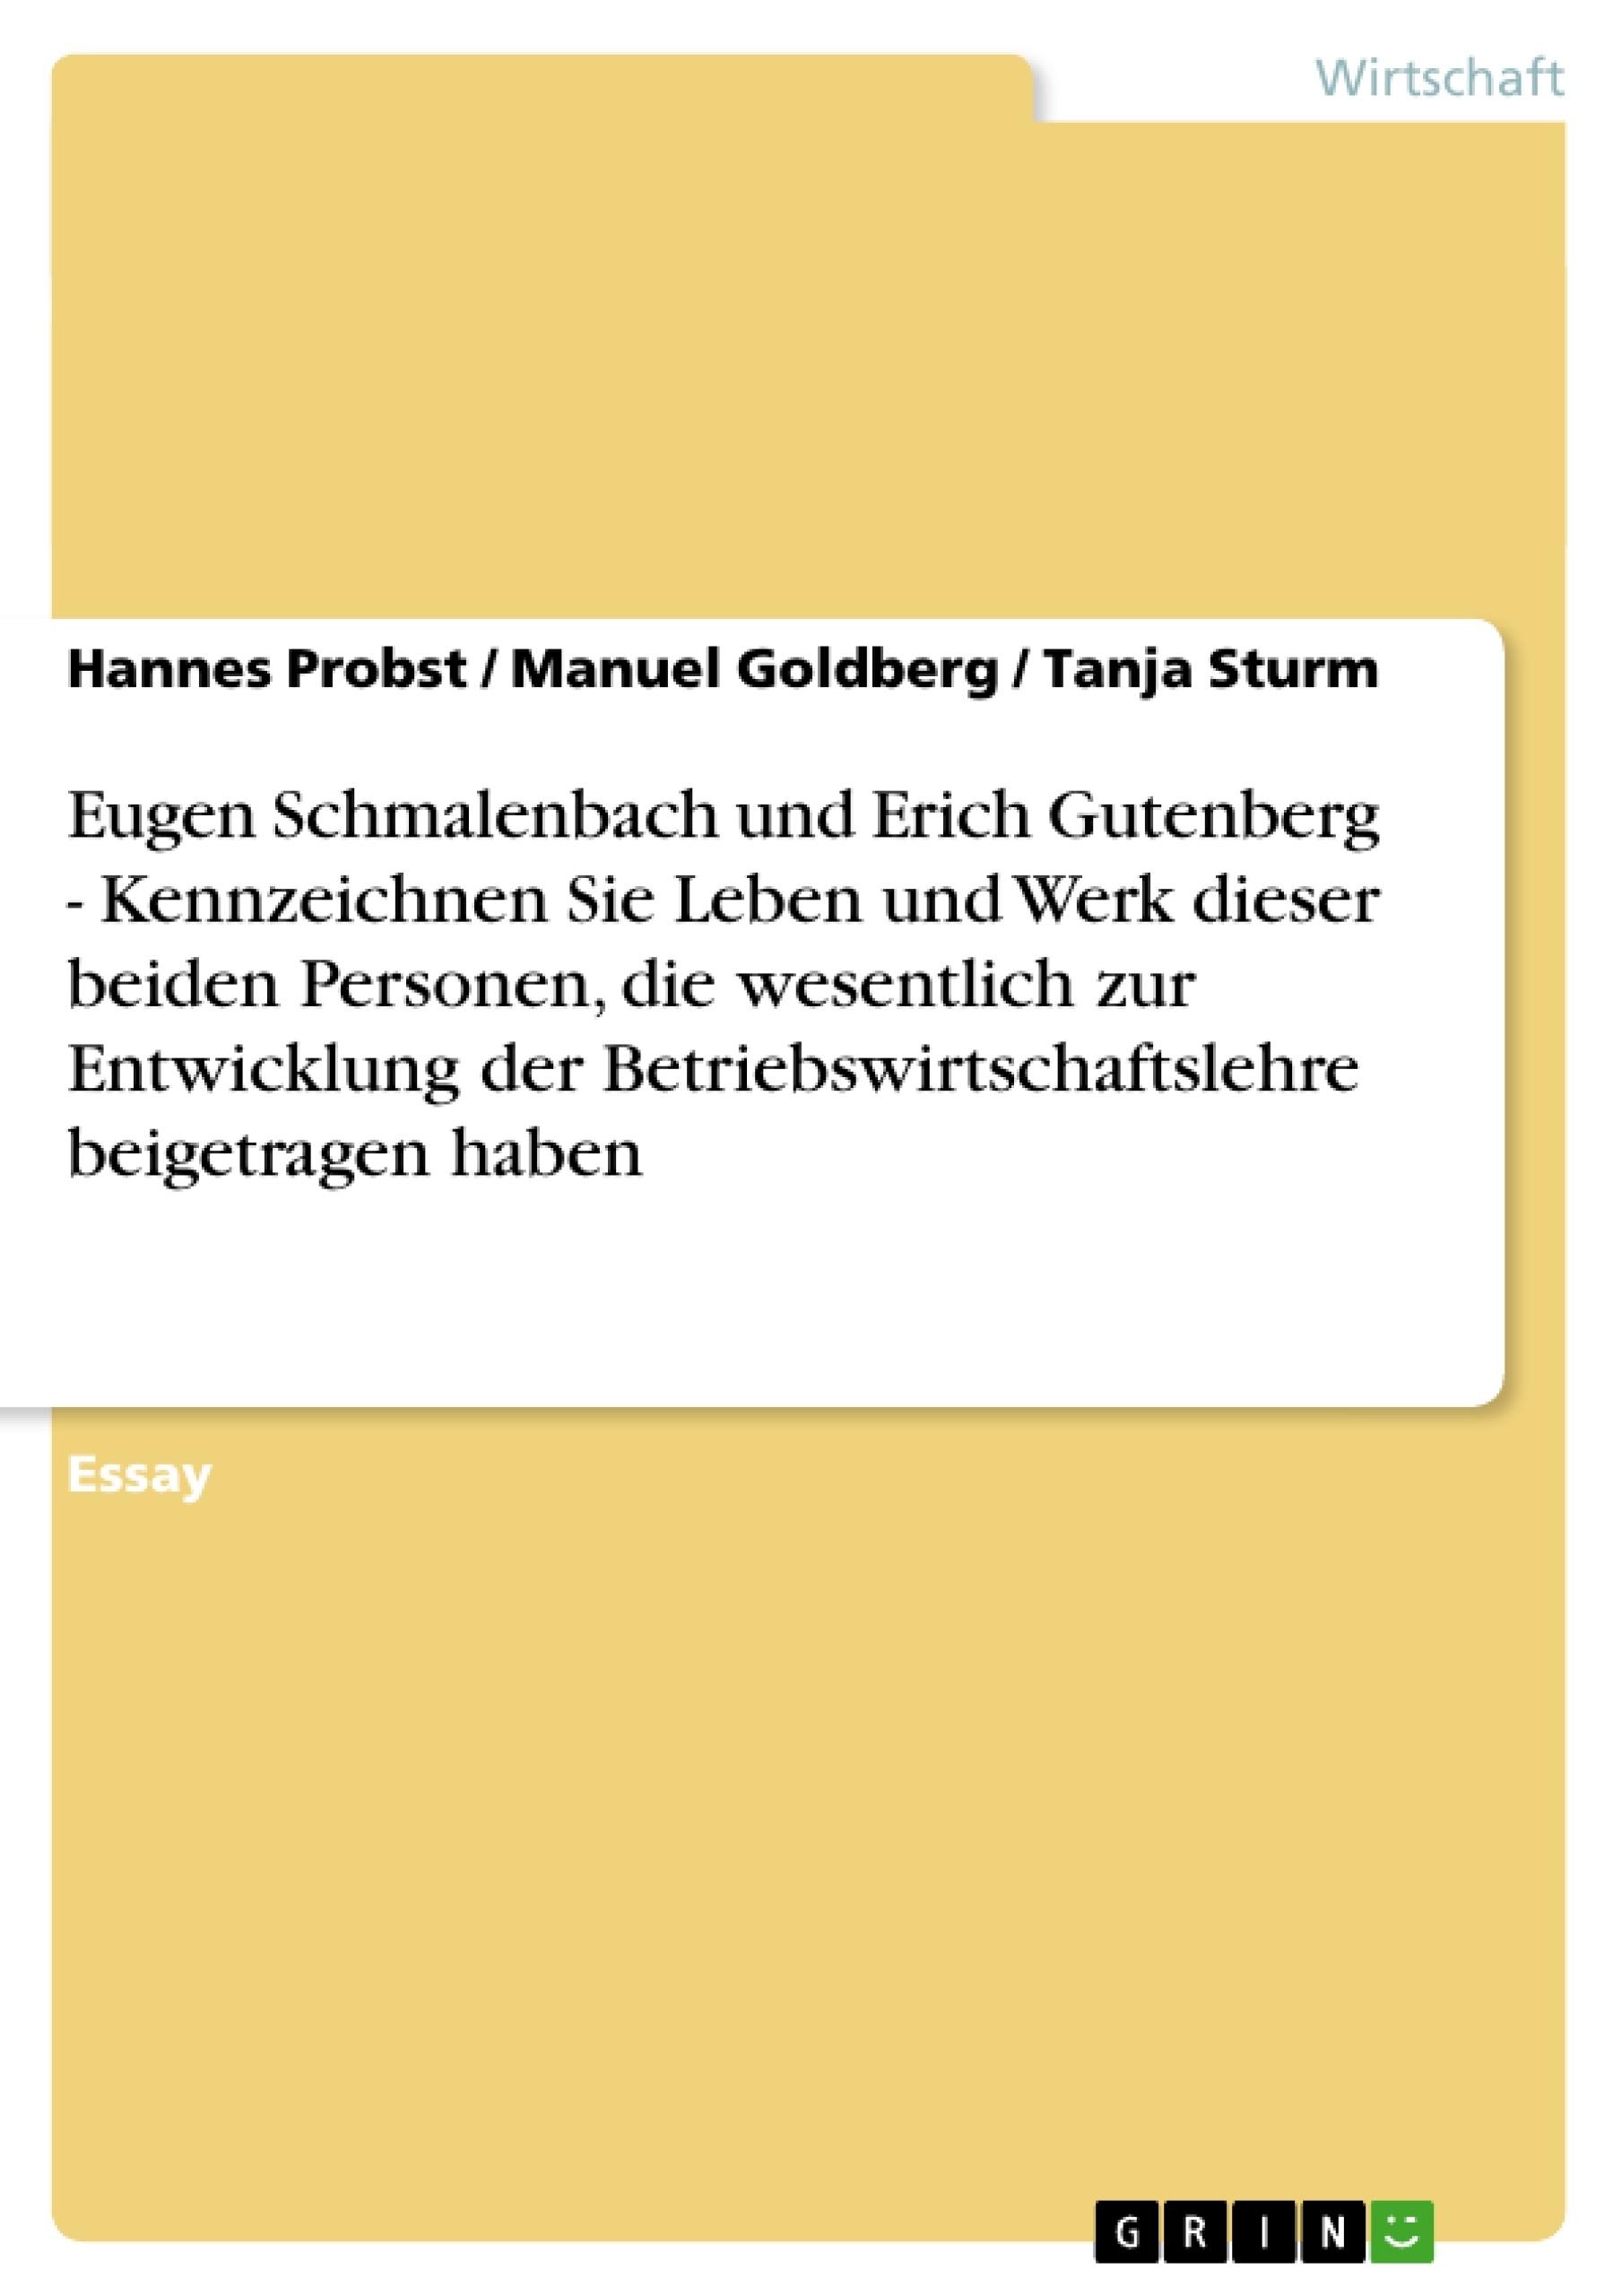 Titel: Eugen Schmalenbach und Erich Gutenberg - Kennzeichnen Sie Leben und Werk dieser beiden Personen, die wesentlich zur Entwicklung der Betriebswirtschaftslehre beigetragen haben